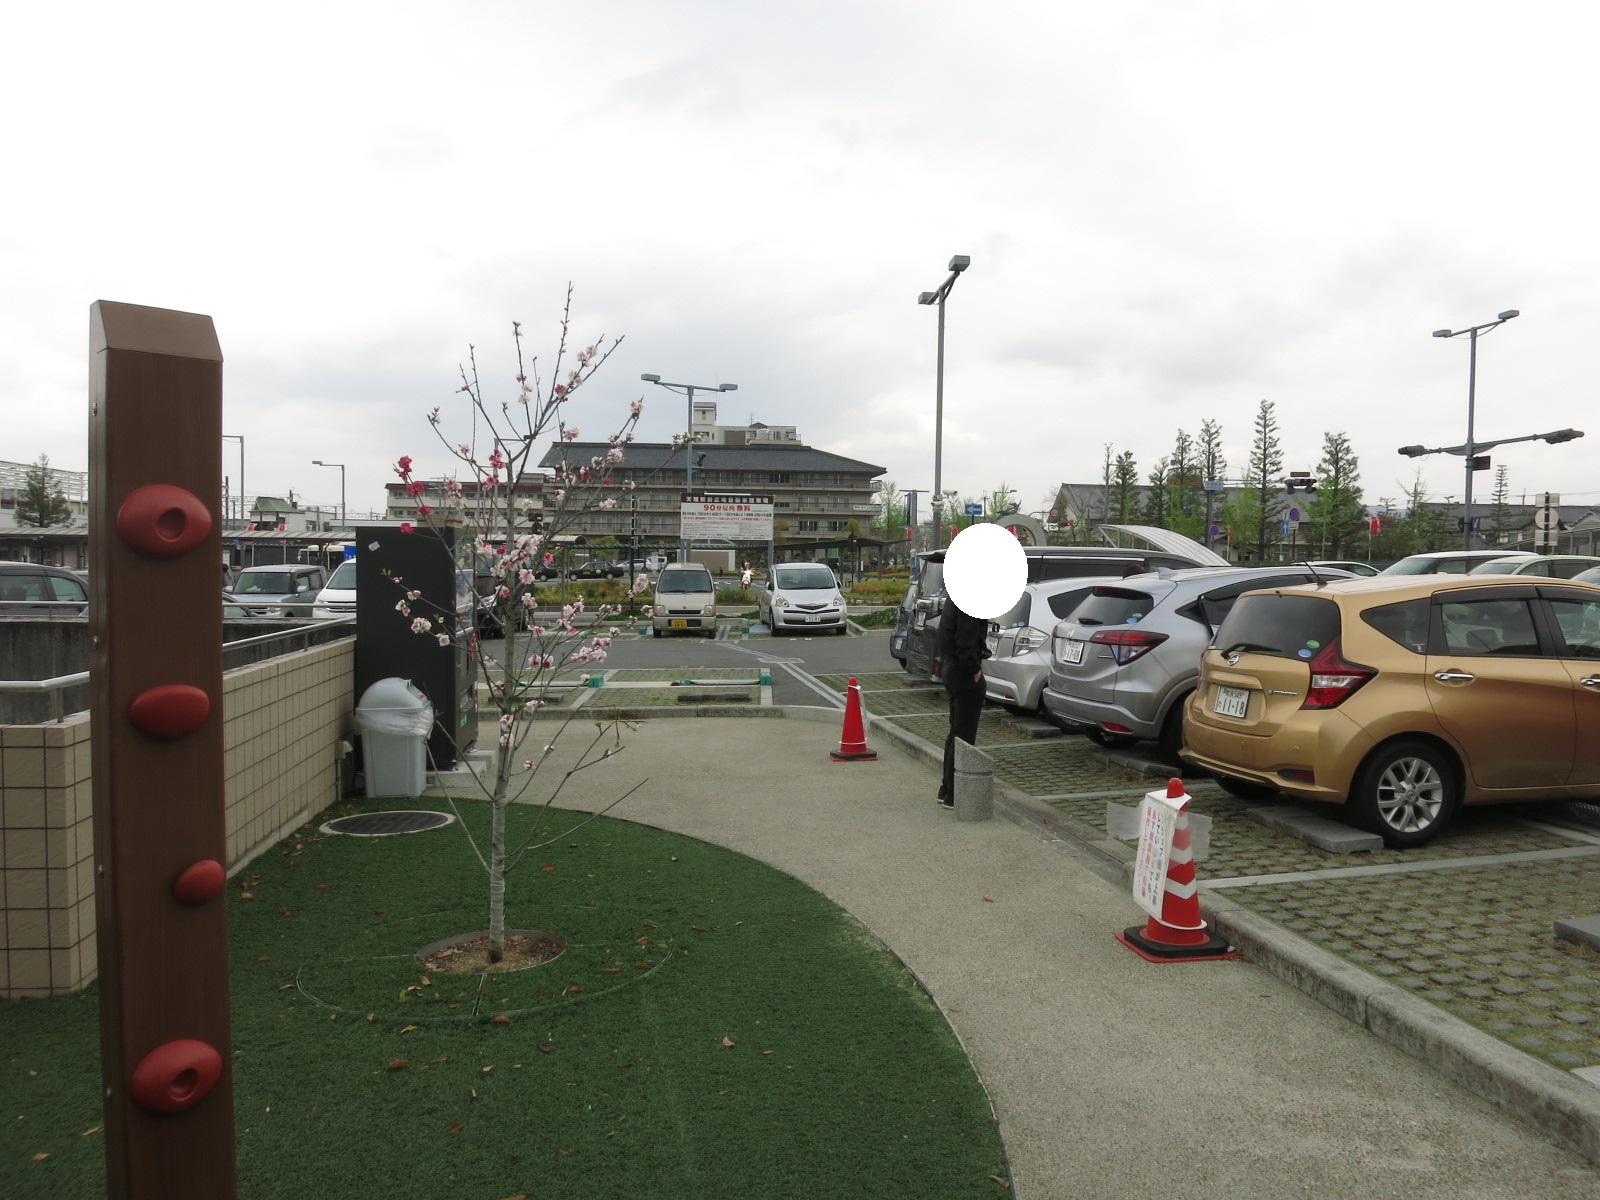 この遊具のすぐ隣には駐車場もあります。